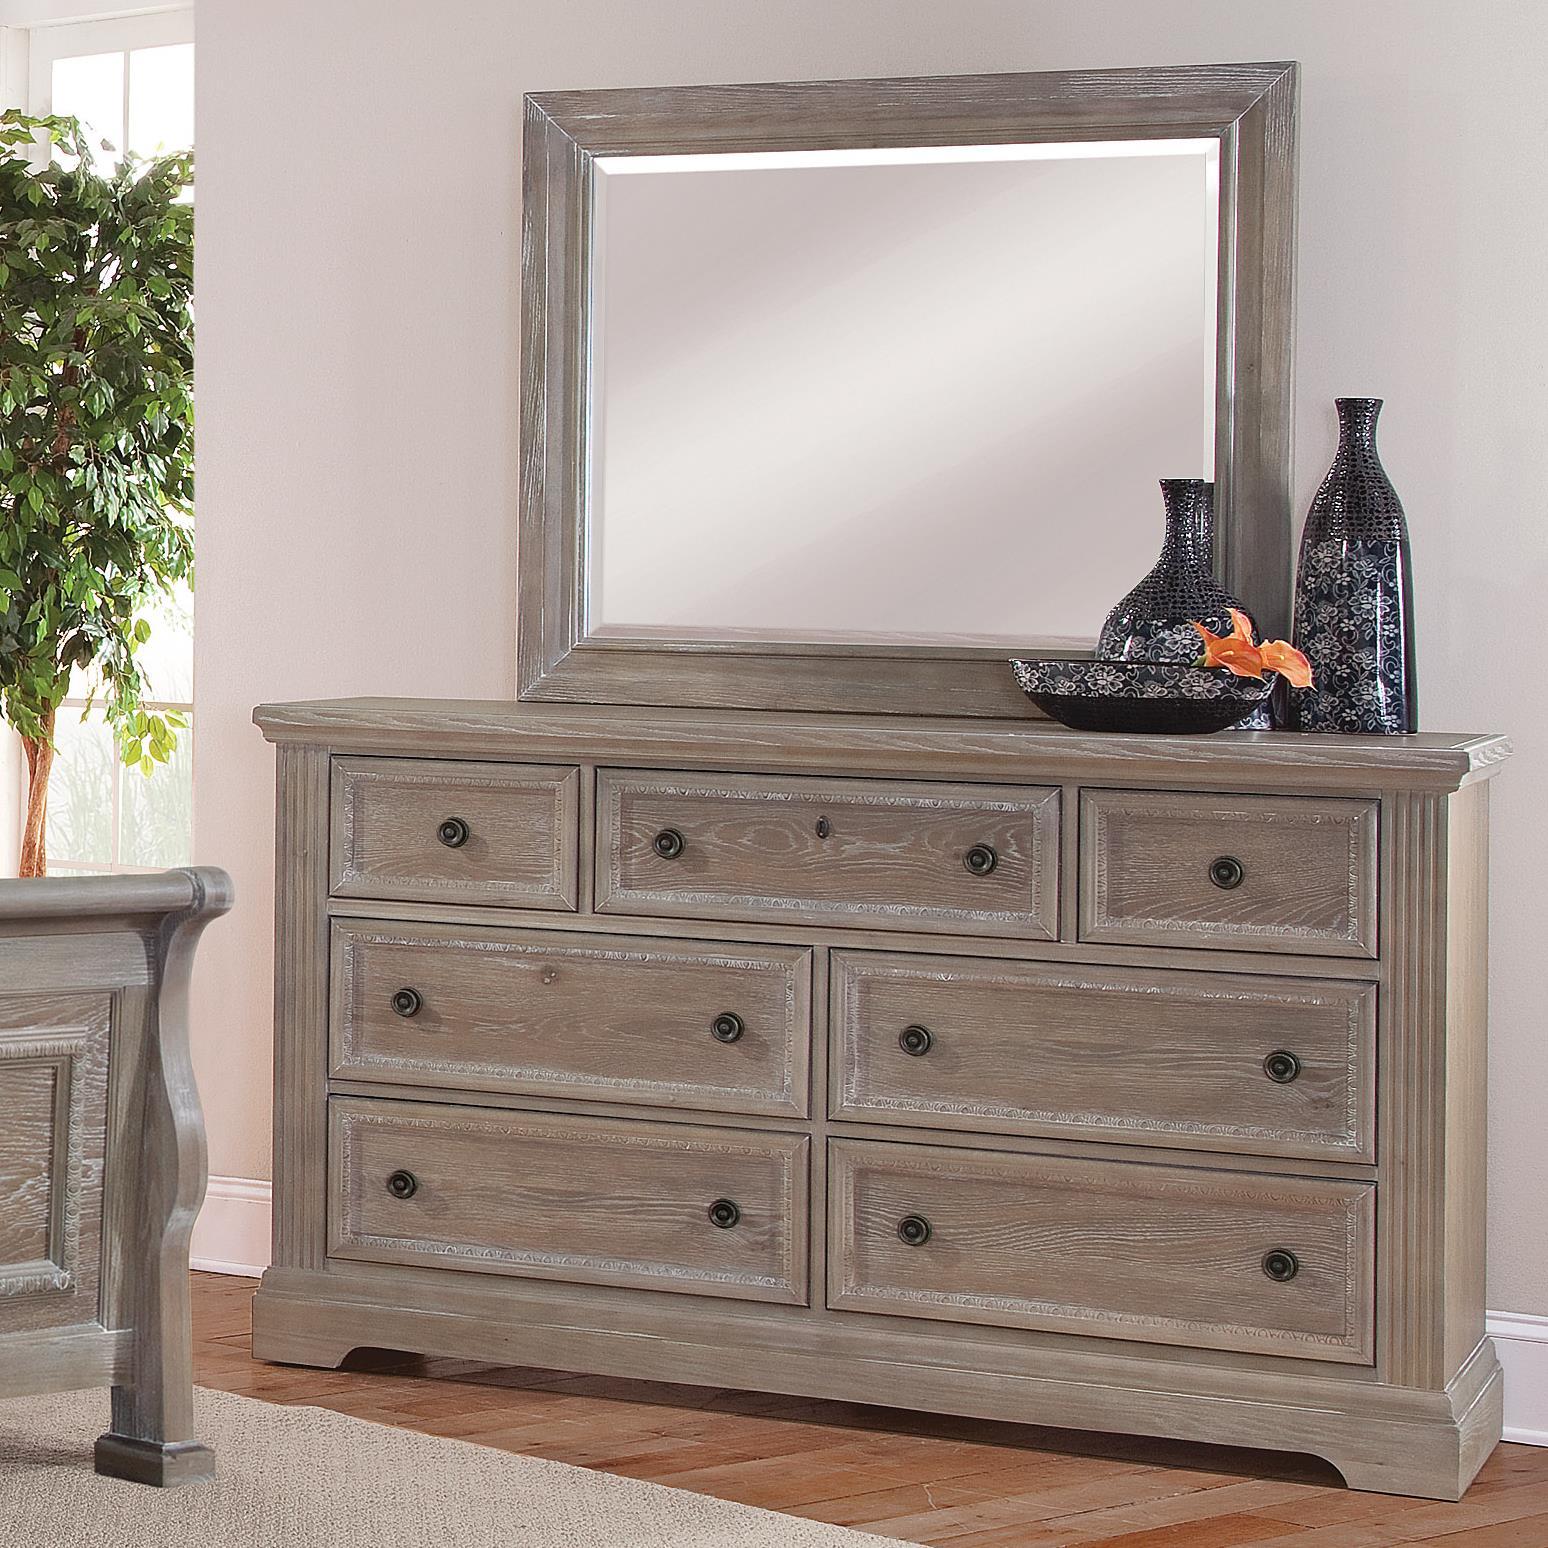 Vaughan Bassett Affinity Dresser & Landscape Mirror - Item Number: 564-002+446